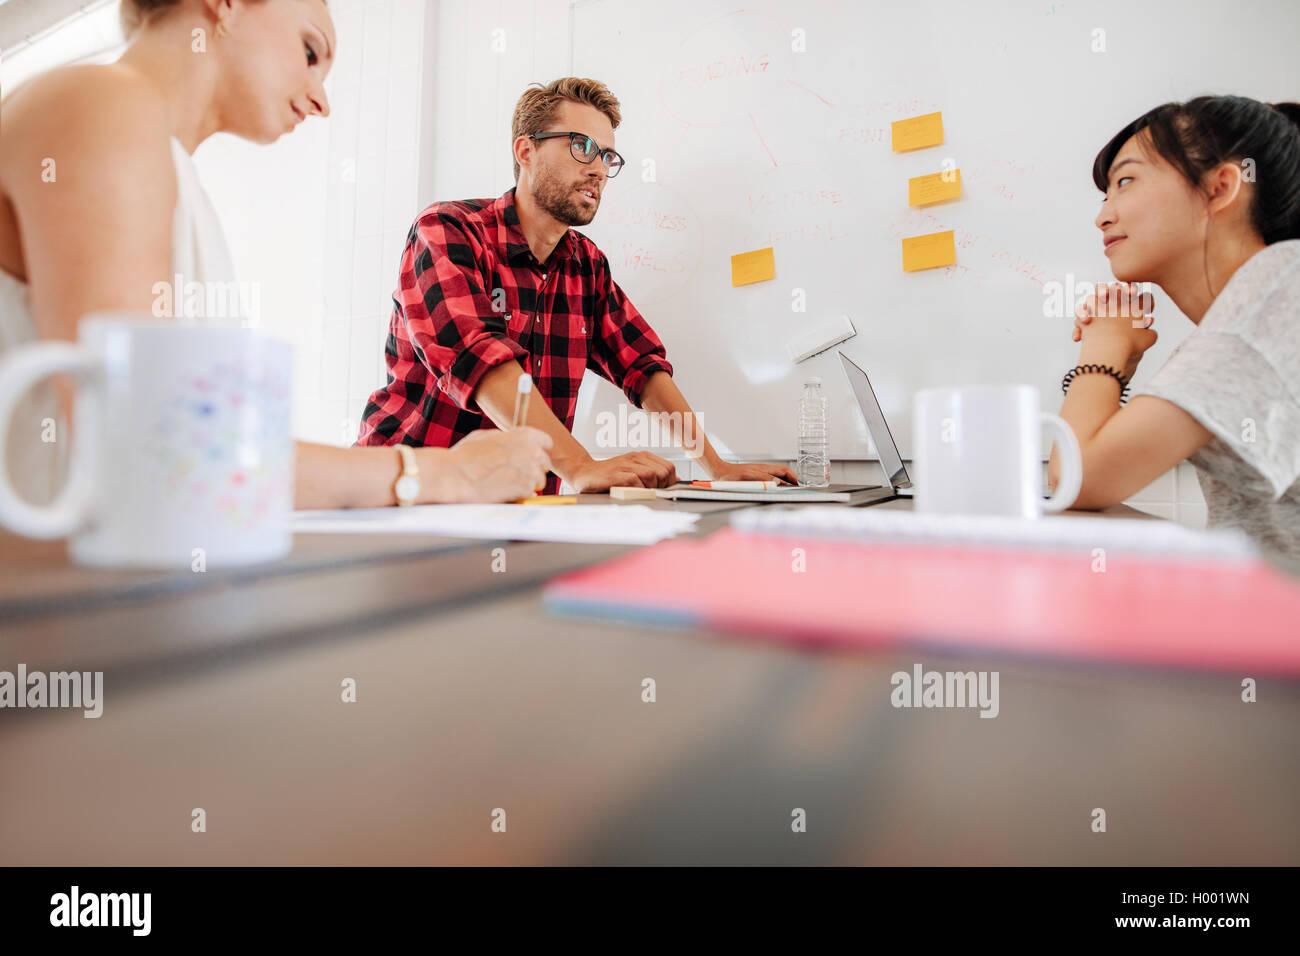 Groupe de discussion sur les cadres de démarrage de nouvelles idées d'affaires au cours d'une réunion en milieu Banque D'Images